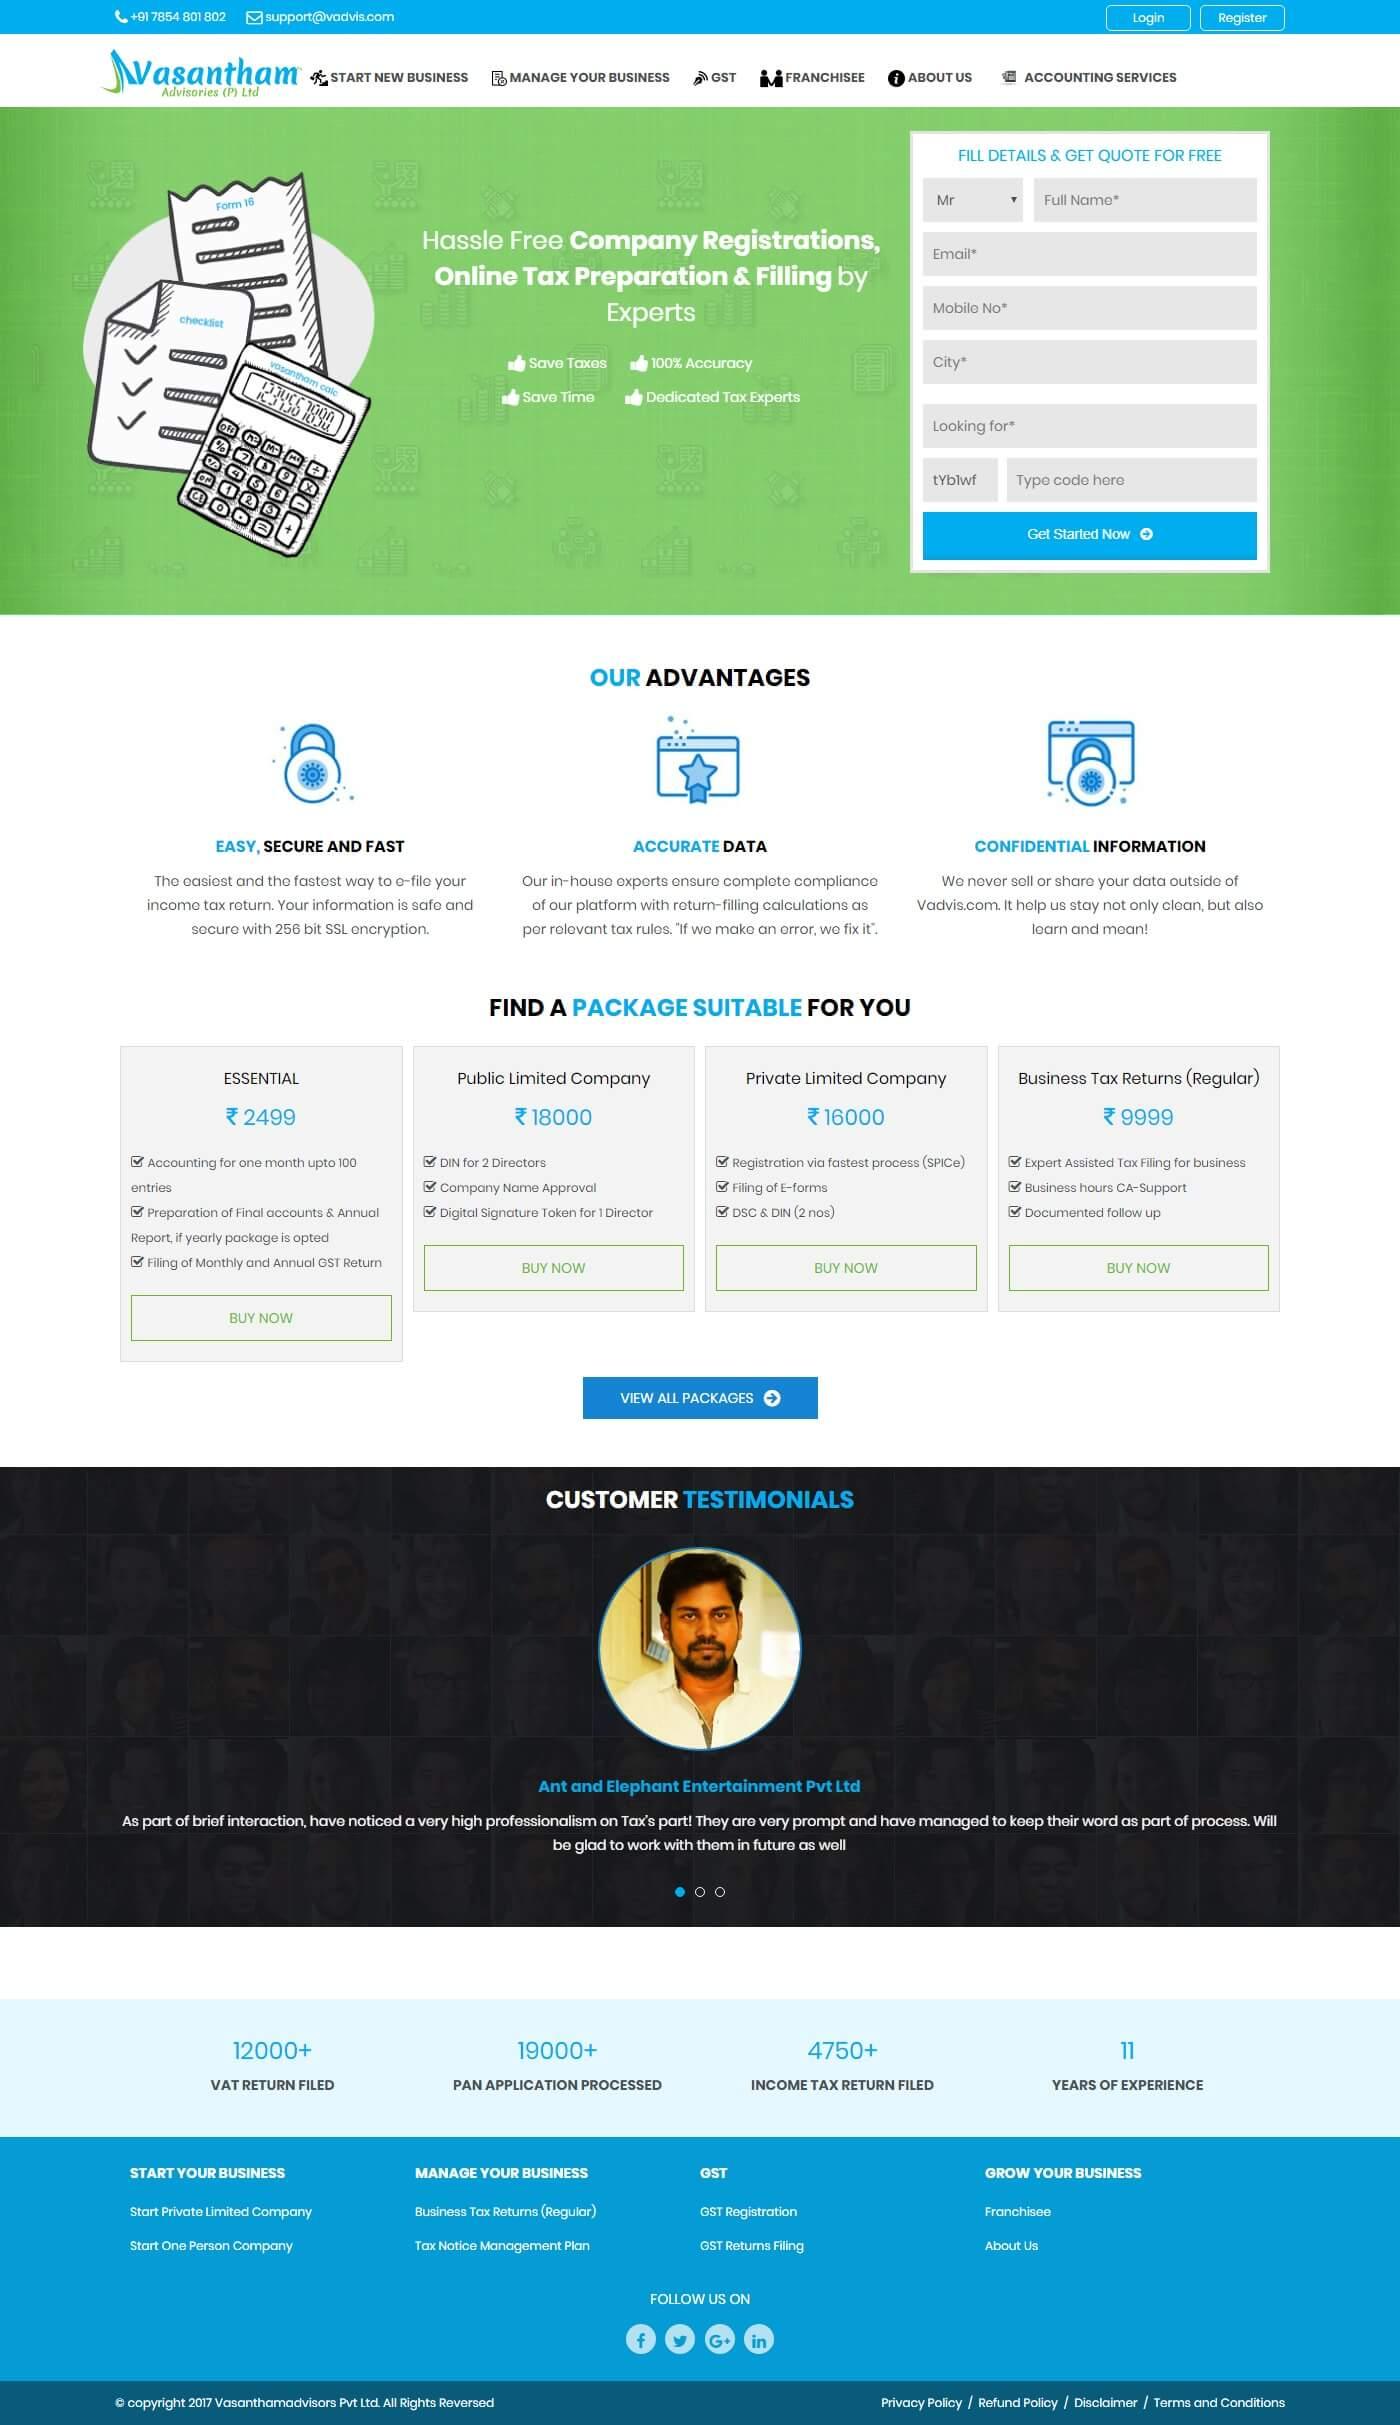 Dynamic Website for Vasantham Advisories Pvt Ltd